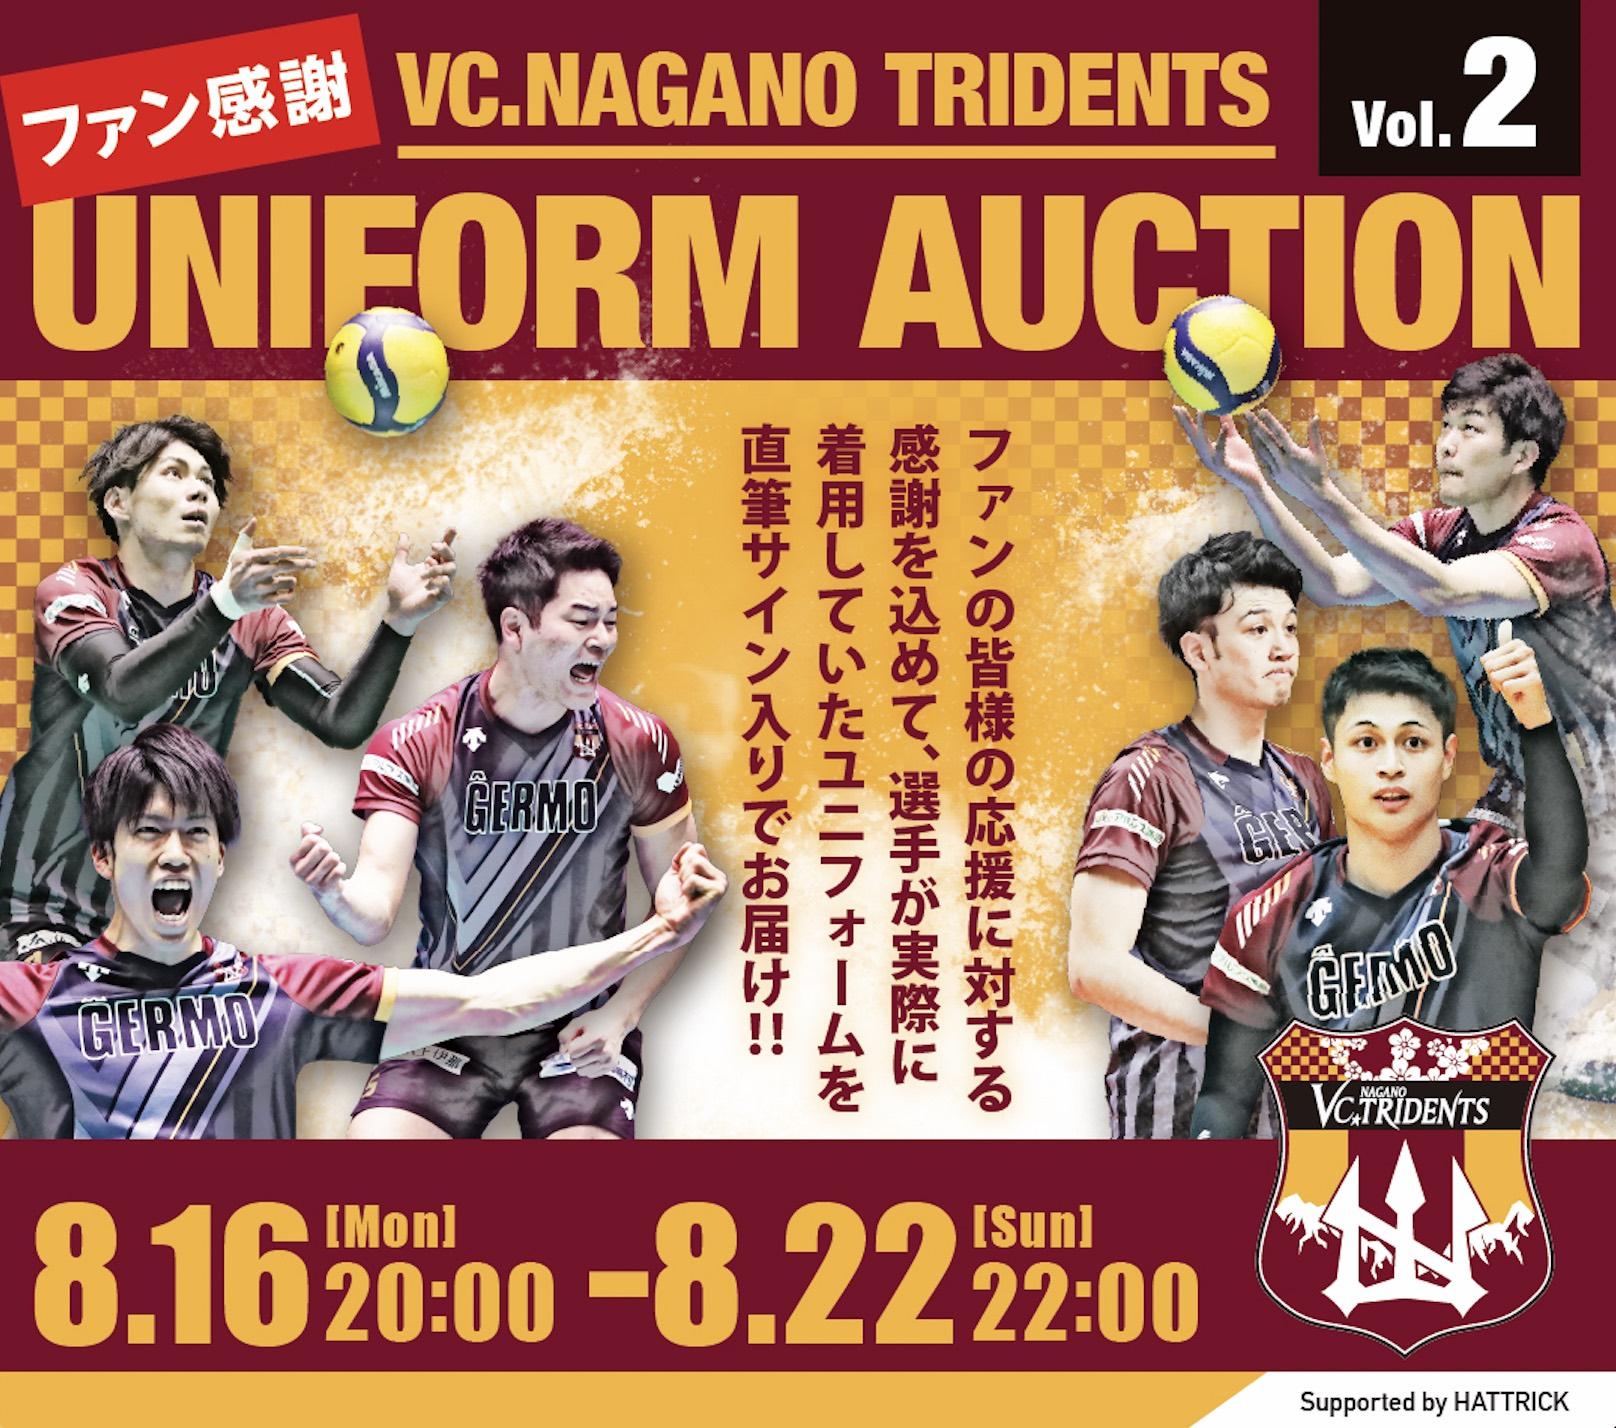 VC長野トライデンツ ファン感謝ユニフォームオークションVOL.2